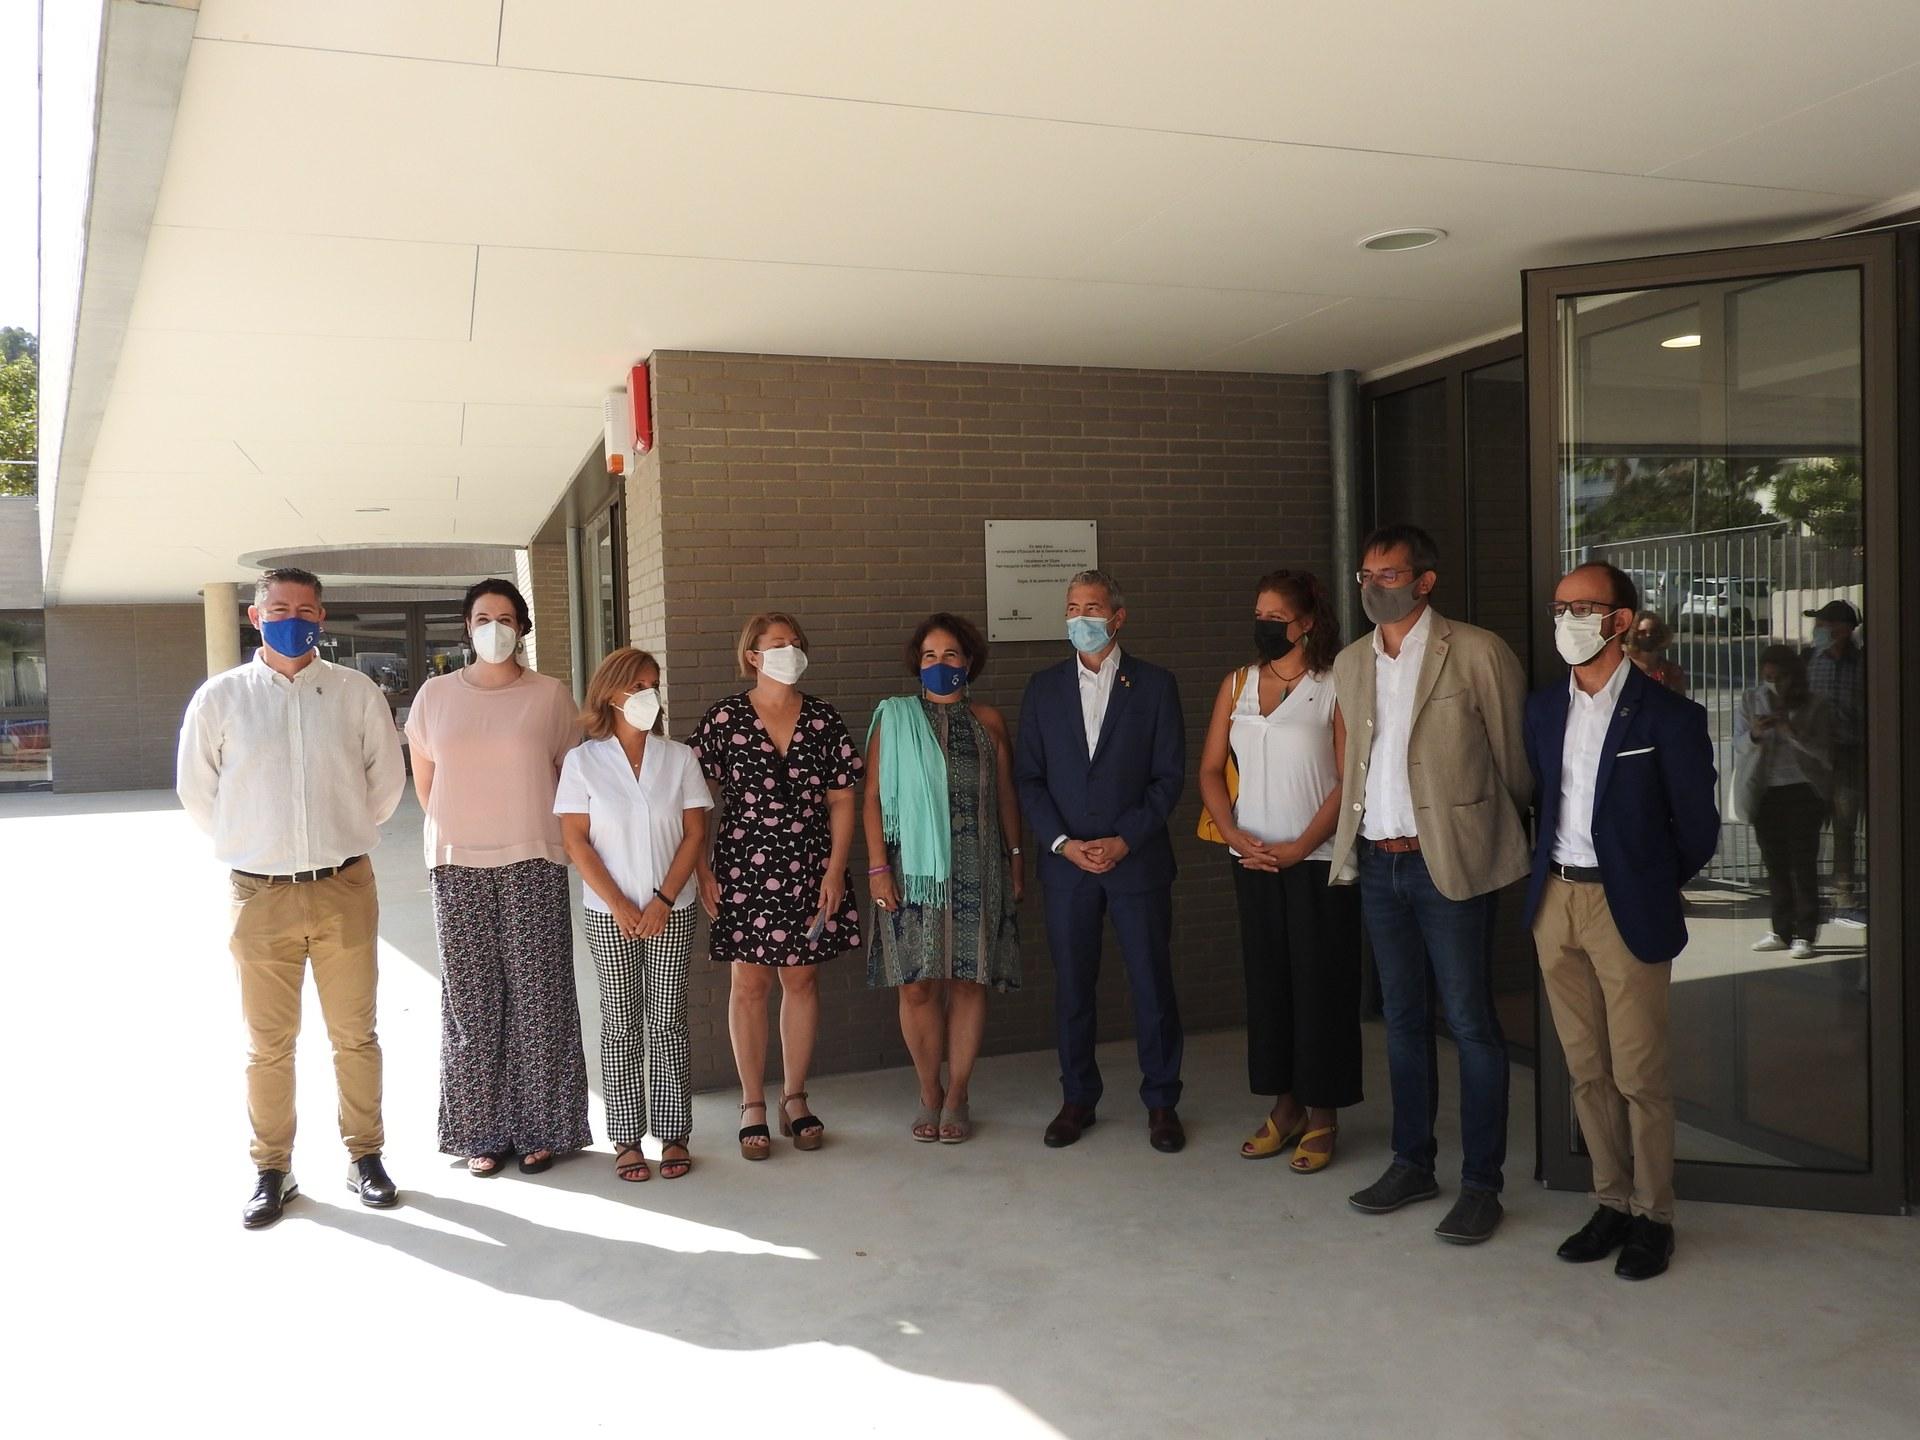 L'alcaldessa de Sitges i el conseller d'Educació inauguren el nou edifici de l'Escola Agnès de Sitges